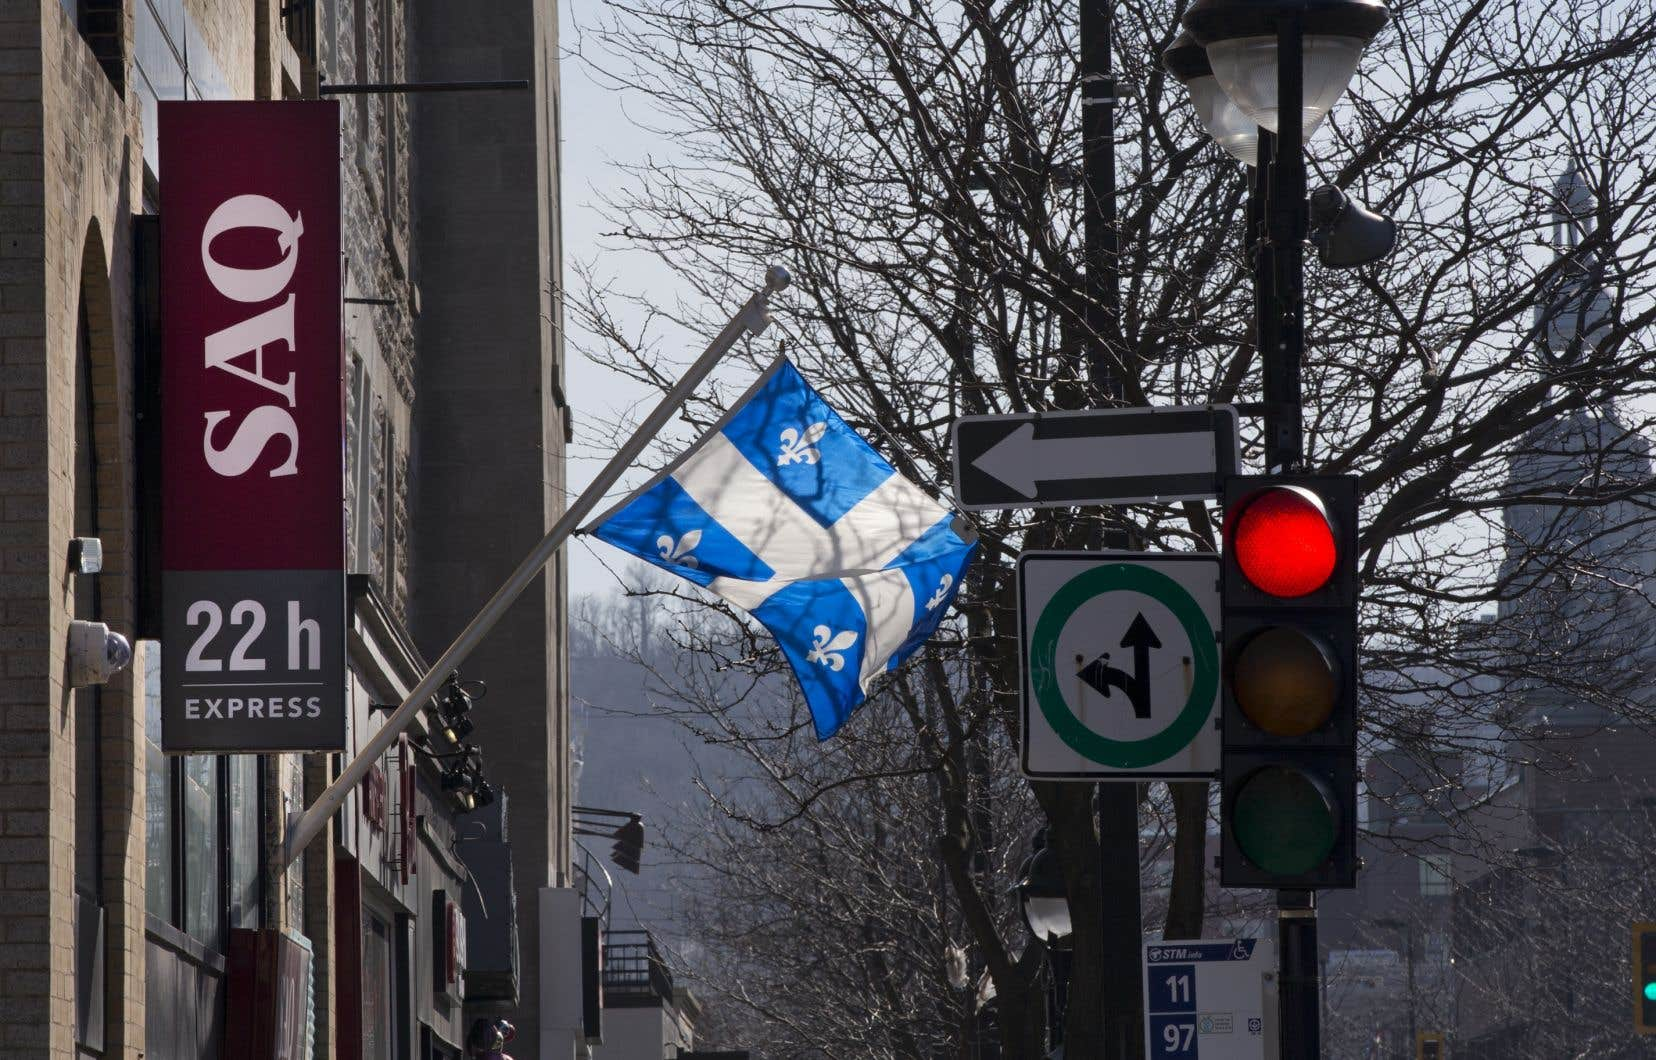 Le Syndicat des employés de magasins et de bureaux de la SAQ exhortela société à employer le personnel et le réseau de livraison pour la future Société québécoise du cannabis.